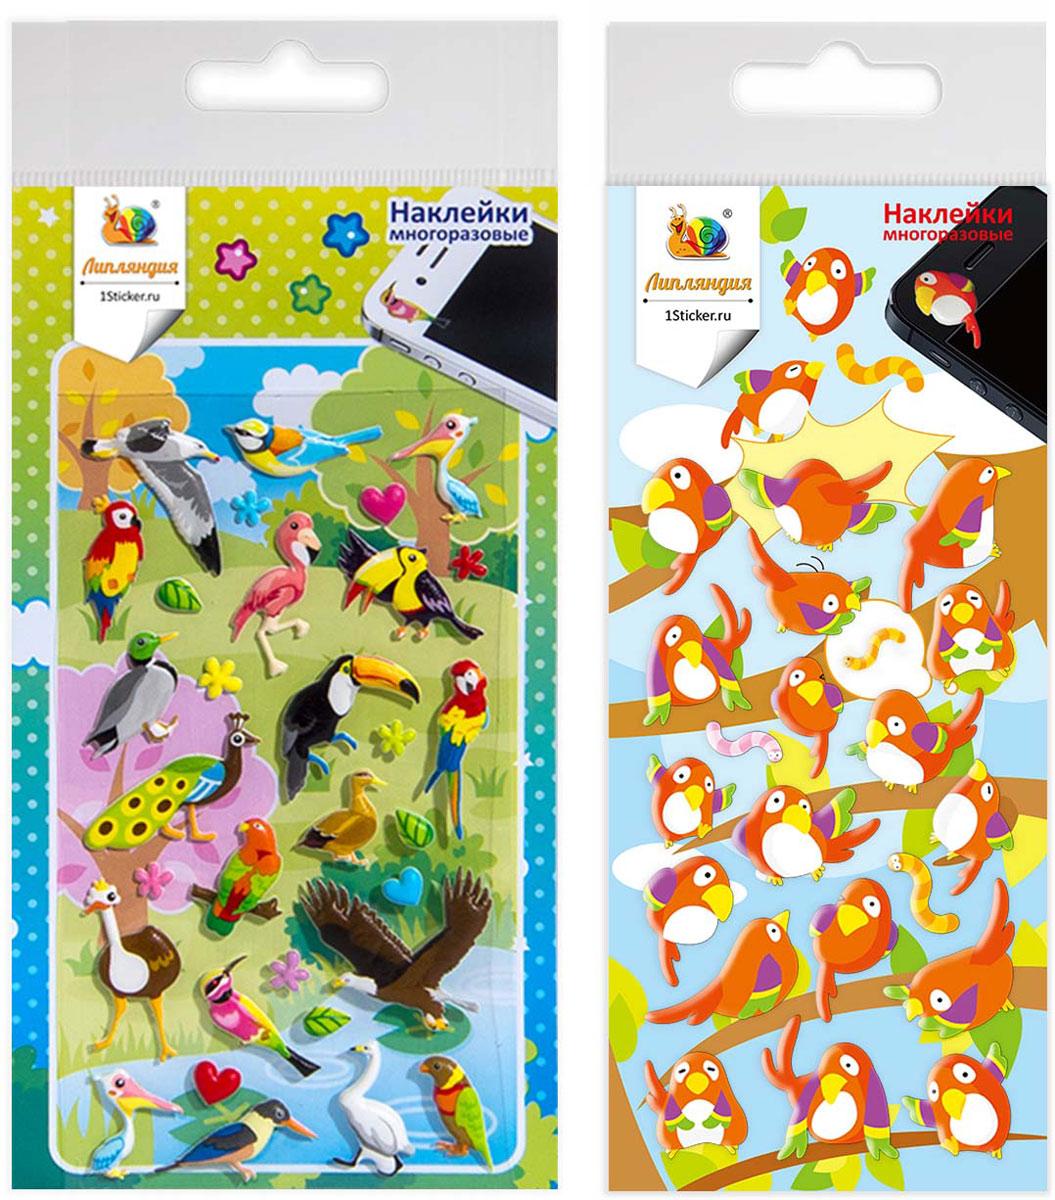 """Набор наклеек """"Липляндия"""" - это увлекательное занятие для раннего развития ваших детей и  творчества взрослых. Набор для творчества с яркими персонажами погружает в игру, развивает  воображение и моторику ребенка. Многоразовые наклейки выполнены из качественных  материалов и разработаны с учетом возрастных особенностей детей.  В комплекте 2 листа с  наклейками."""